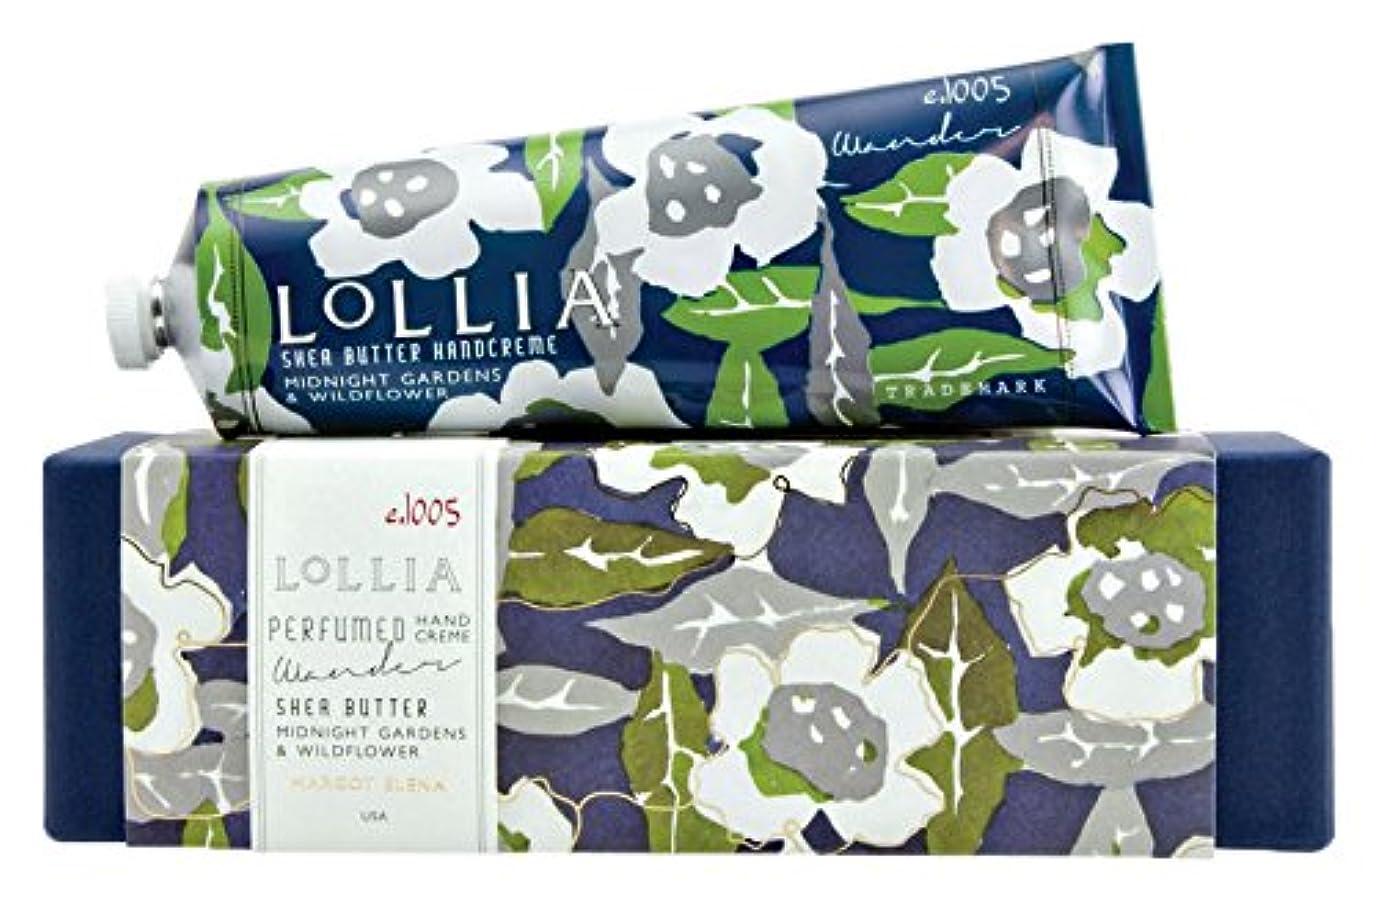 鉛筆委員会過剰ロリア(LoLLIA) ラージハンドクリーム Wander 113g (ナイトブルーミングジャスミンとサイプレスの香り)